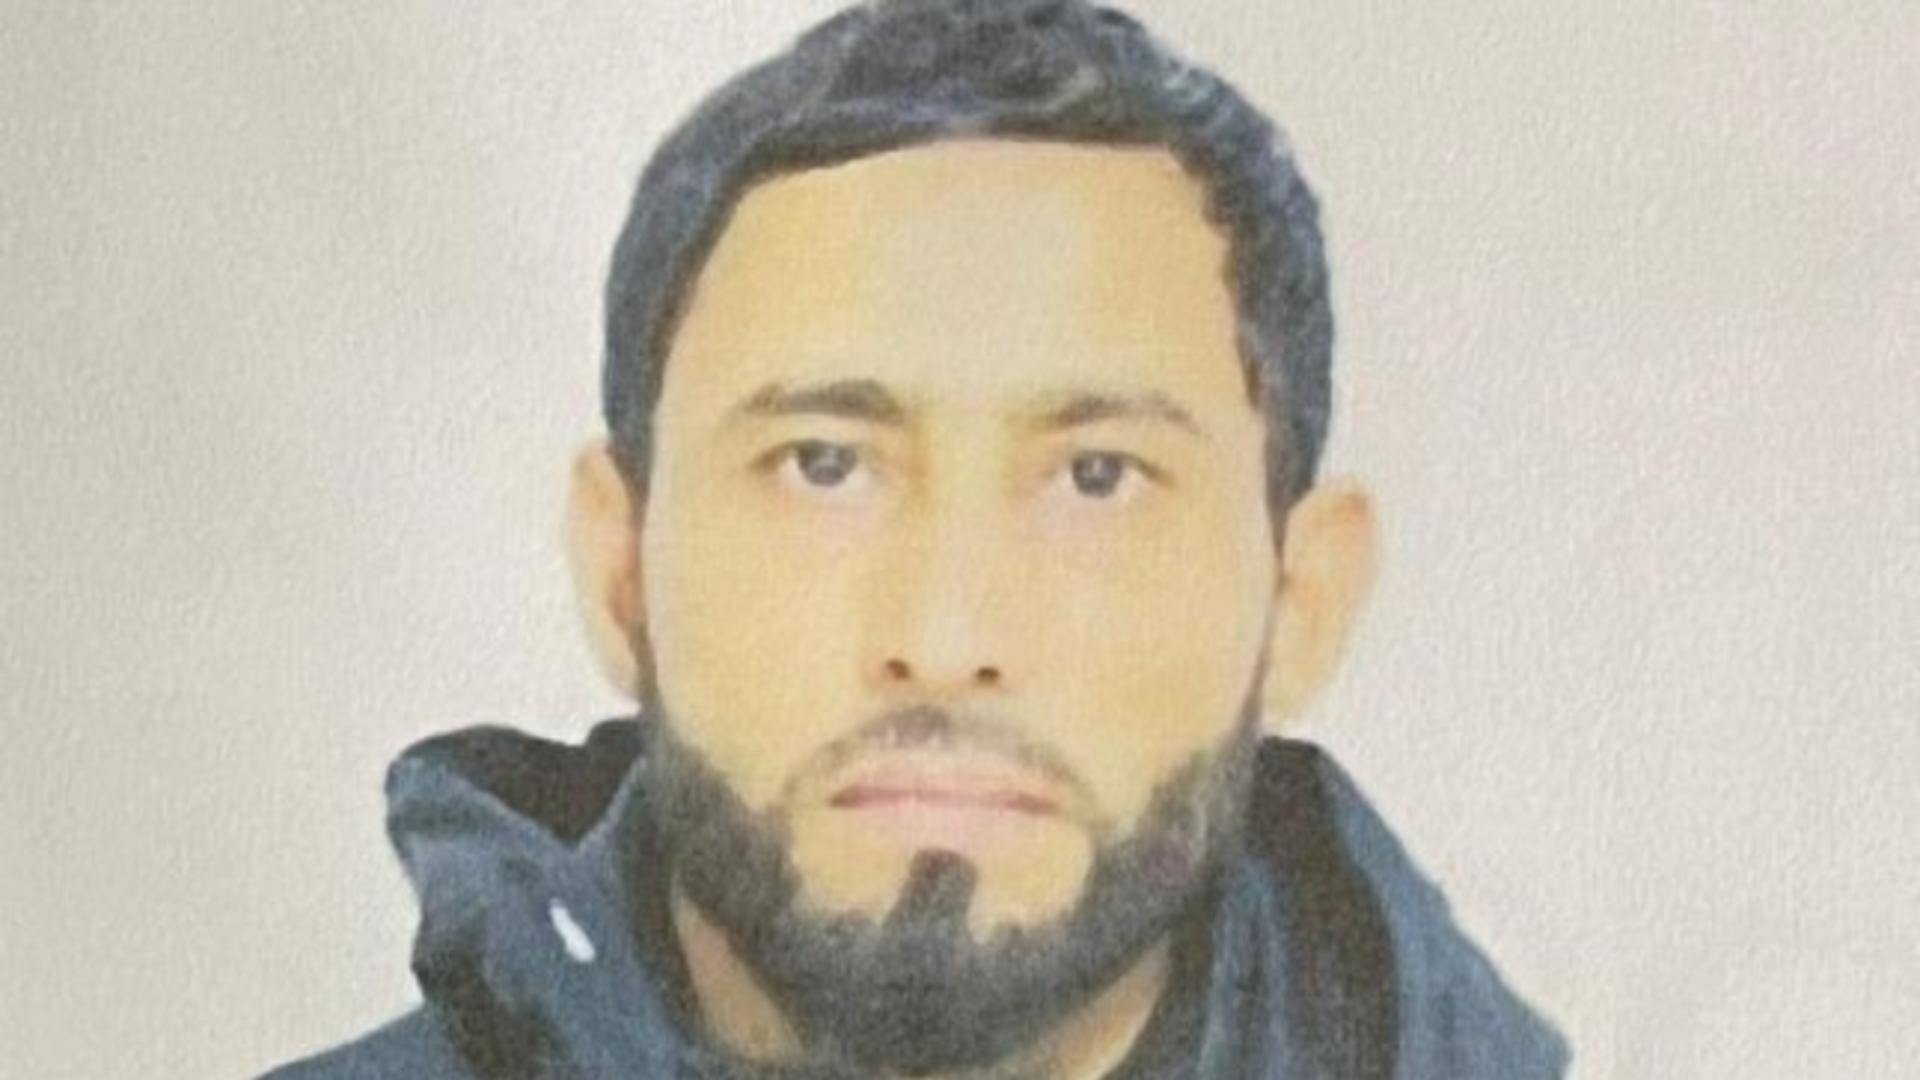 Autorul crimei este un tânăr afgan în vârstă de 27 de ani